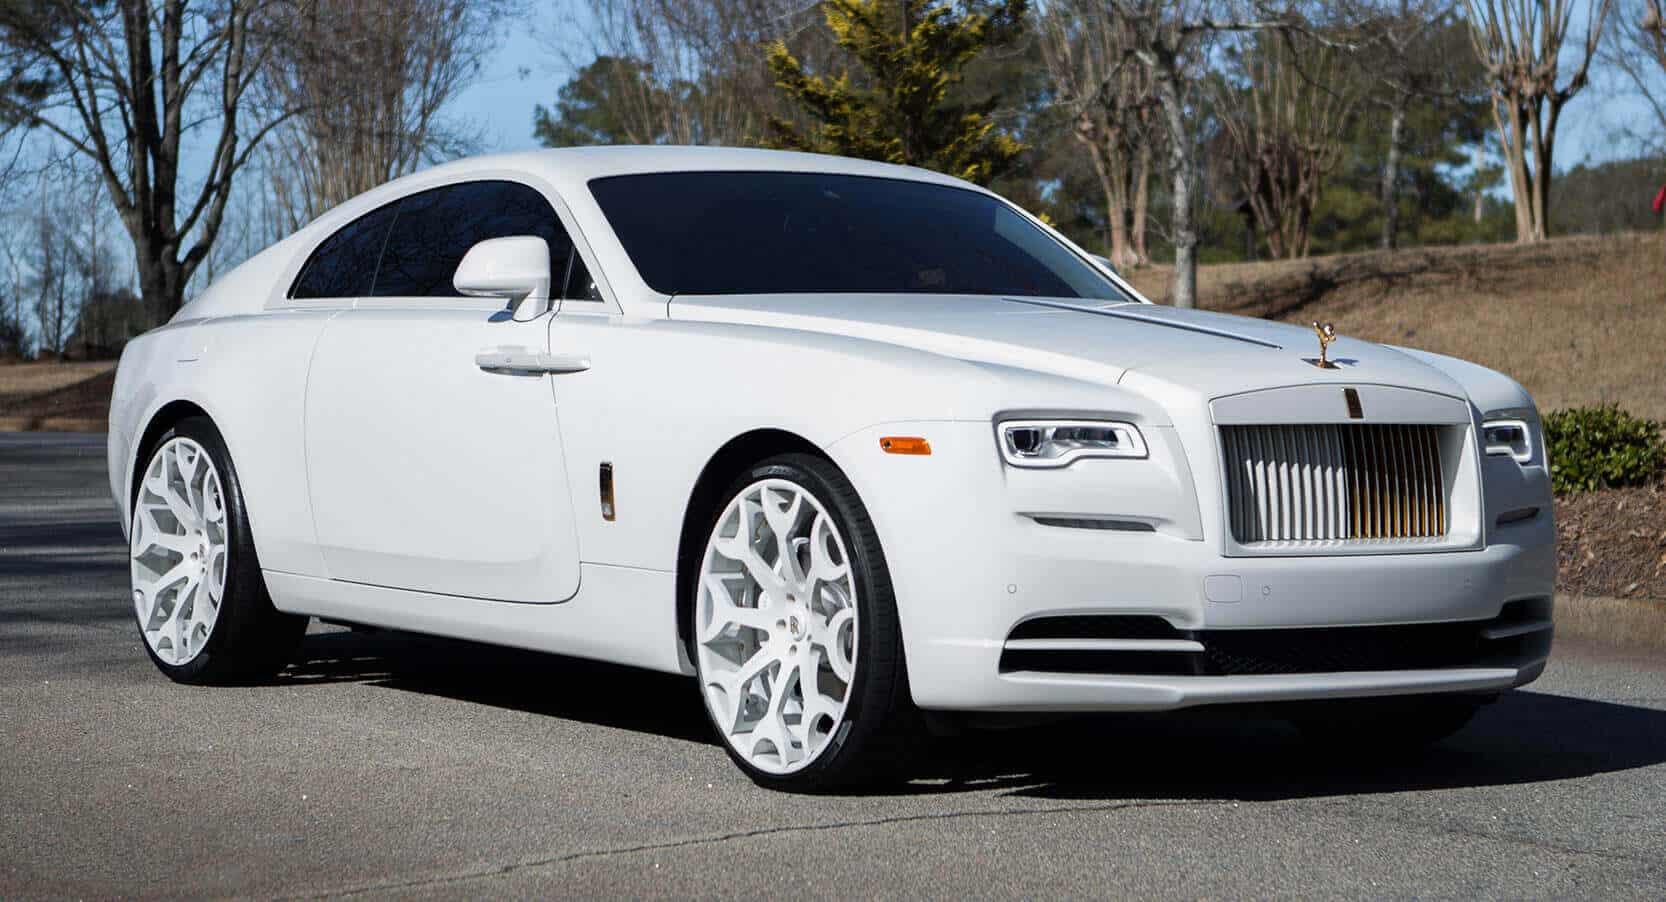 Rolls Royce - Khám Phá Chi Tiết Toyota Alphard Nhập Khẩu - Chiếc MPV Giá 6 Tỷ Hạng Sang